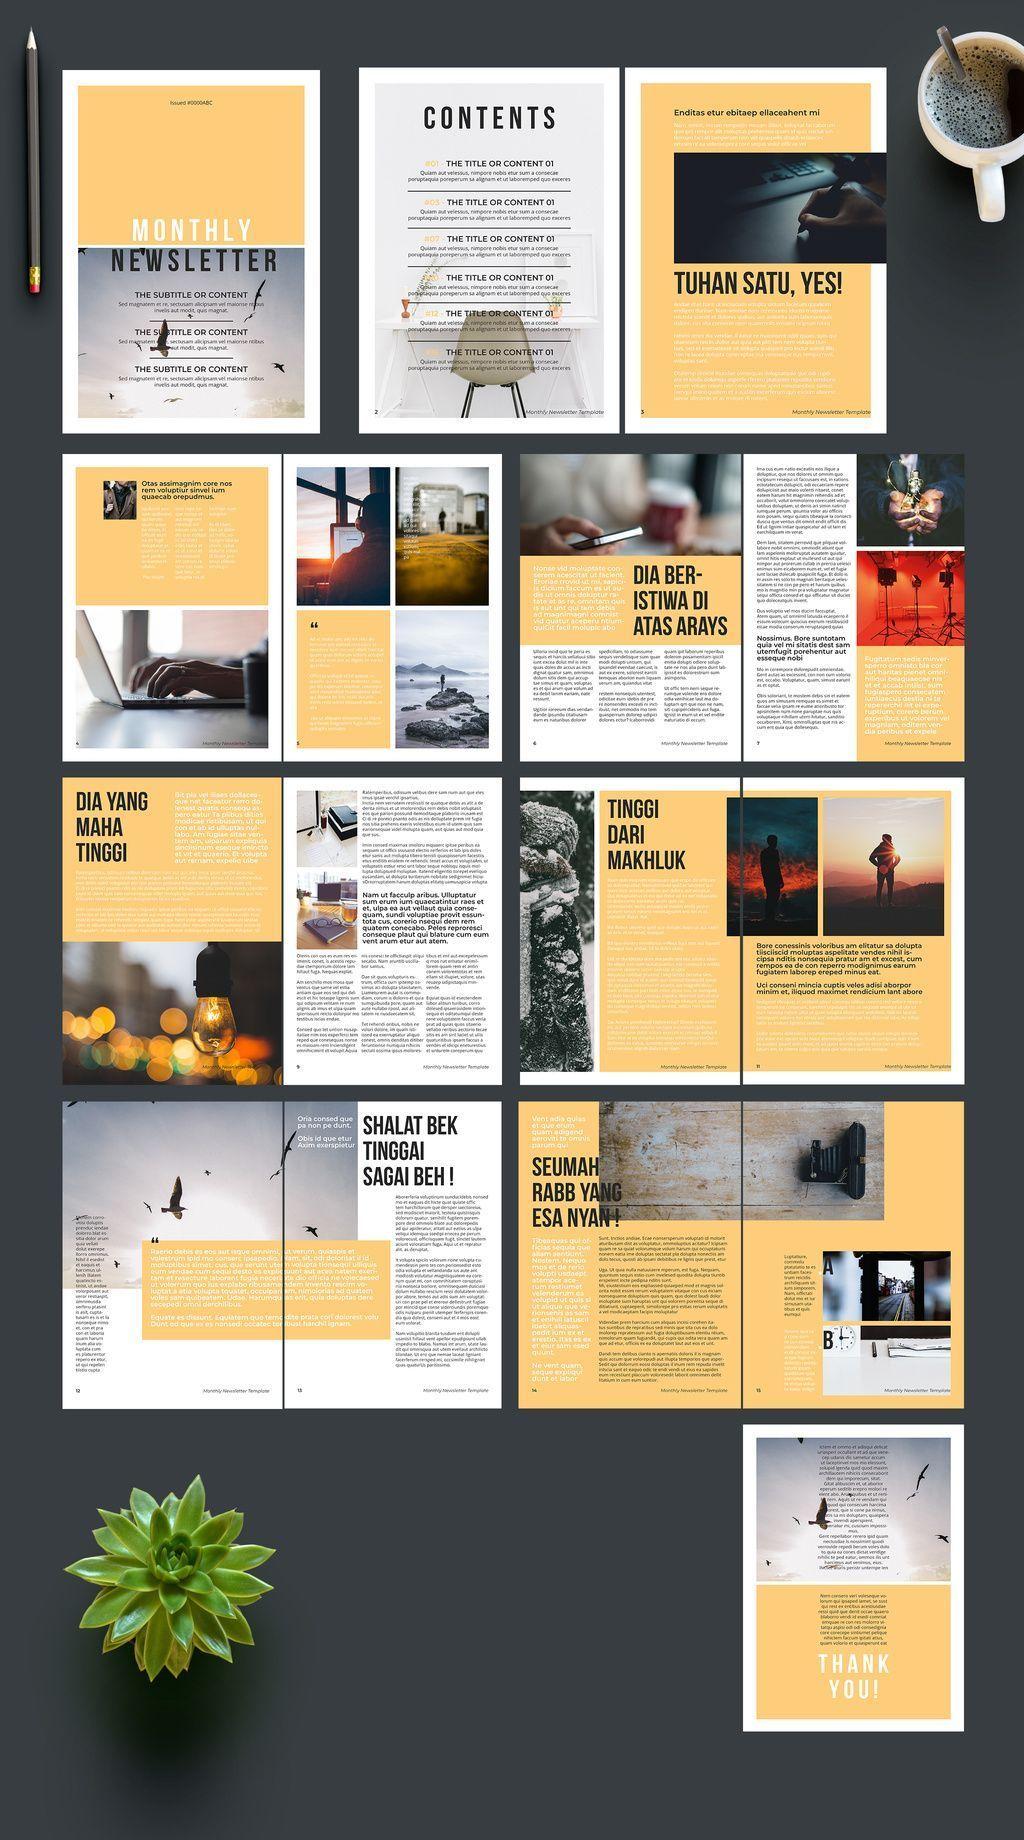 Newsletter Layout With Yellow Accent Acheter Ce Template Libre De Droit Et Decouvrir Des Te Newsletter Design Layout Magazine Layout Design Newsletter Layout